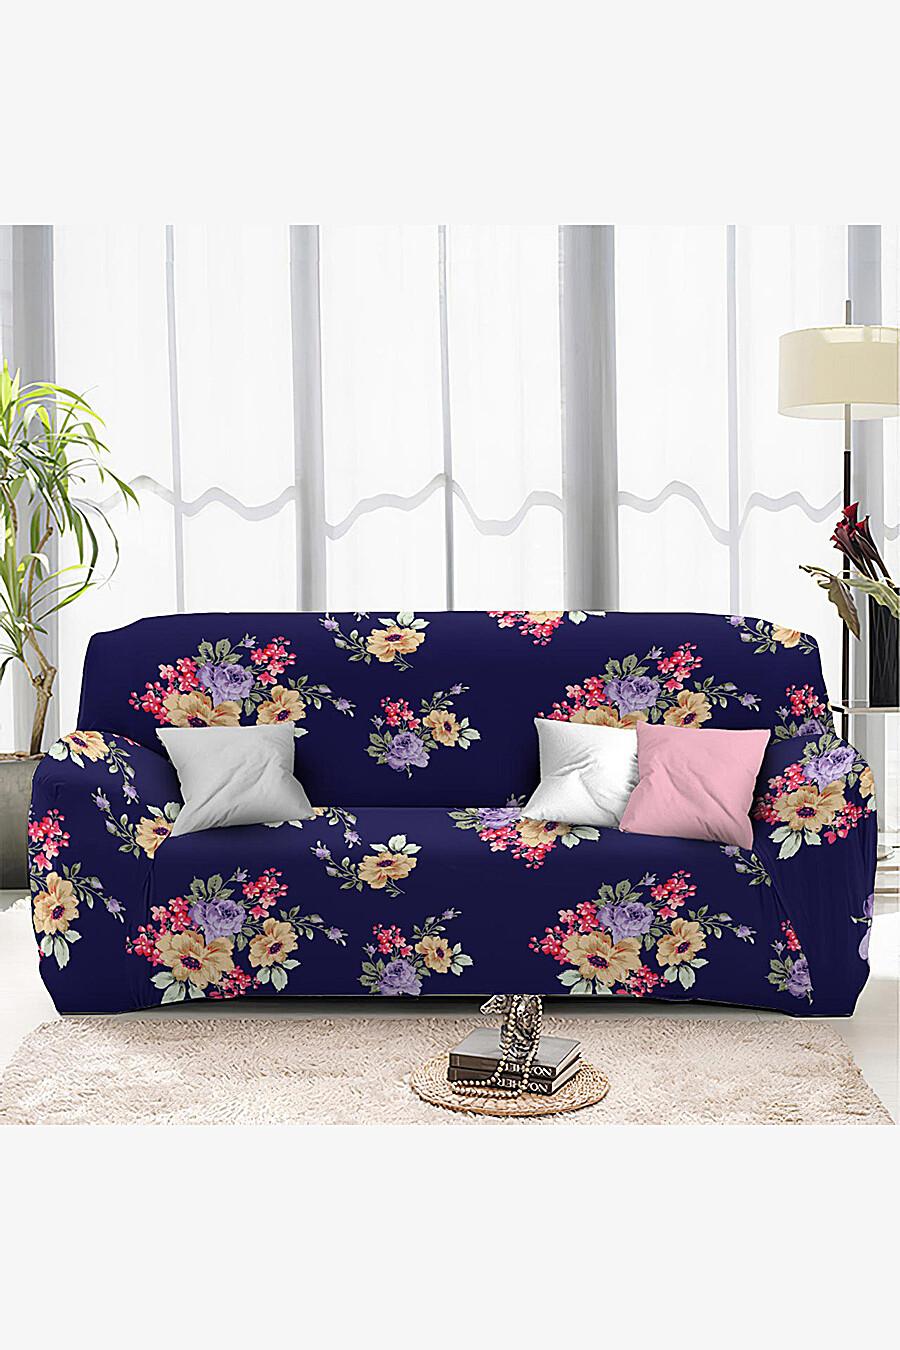 Чехол на диван для дома ART HOME TEXTILE 162896 купить оптом от производителя. Совместная покупка товаров для дома в OptMoyo